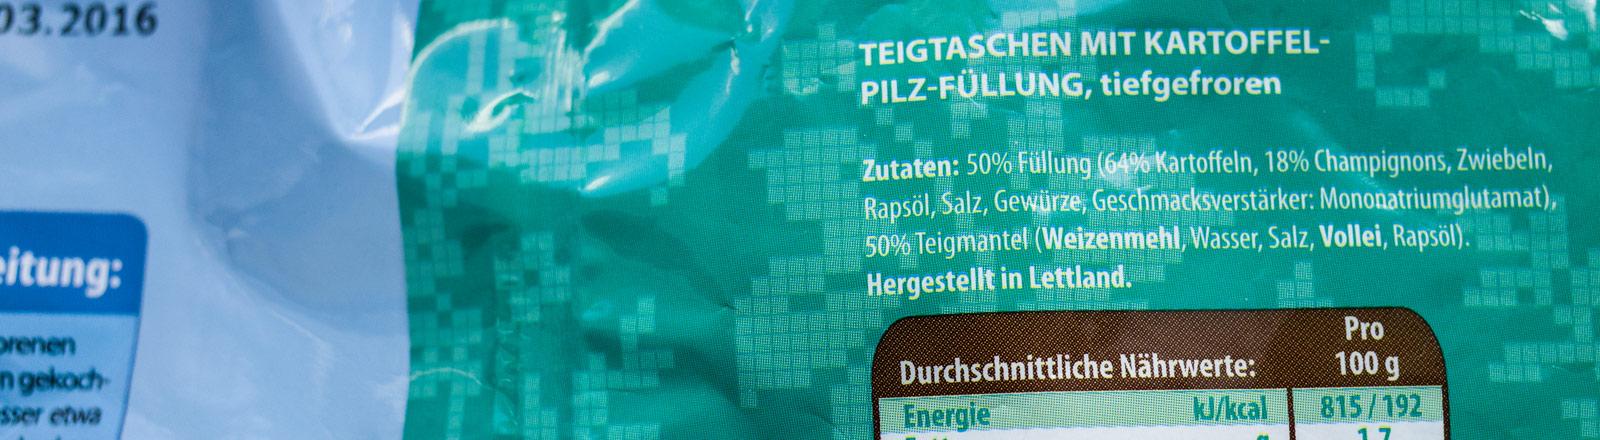 Die Zutatenliste eines Tiefkühlprodukts.